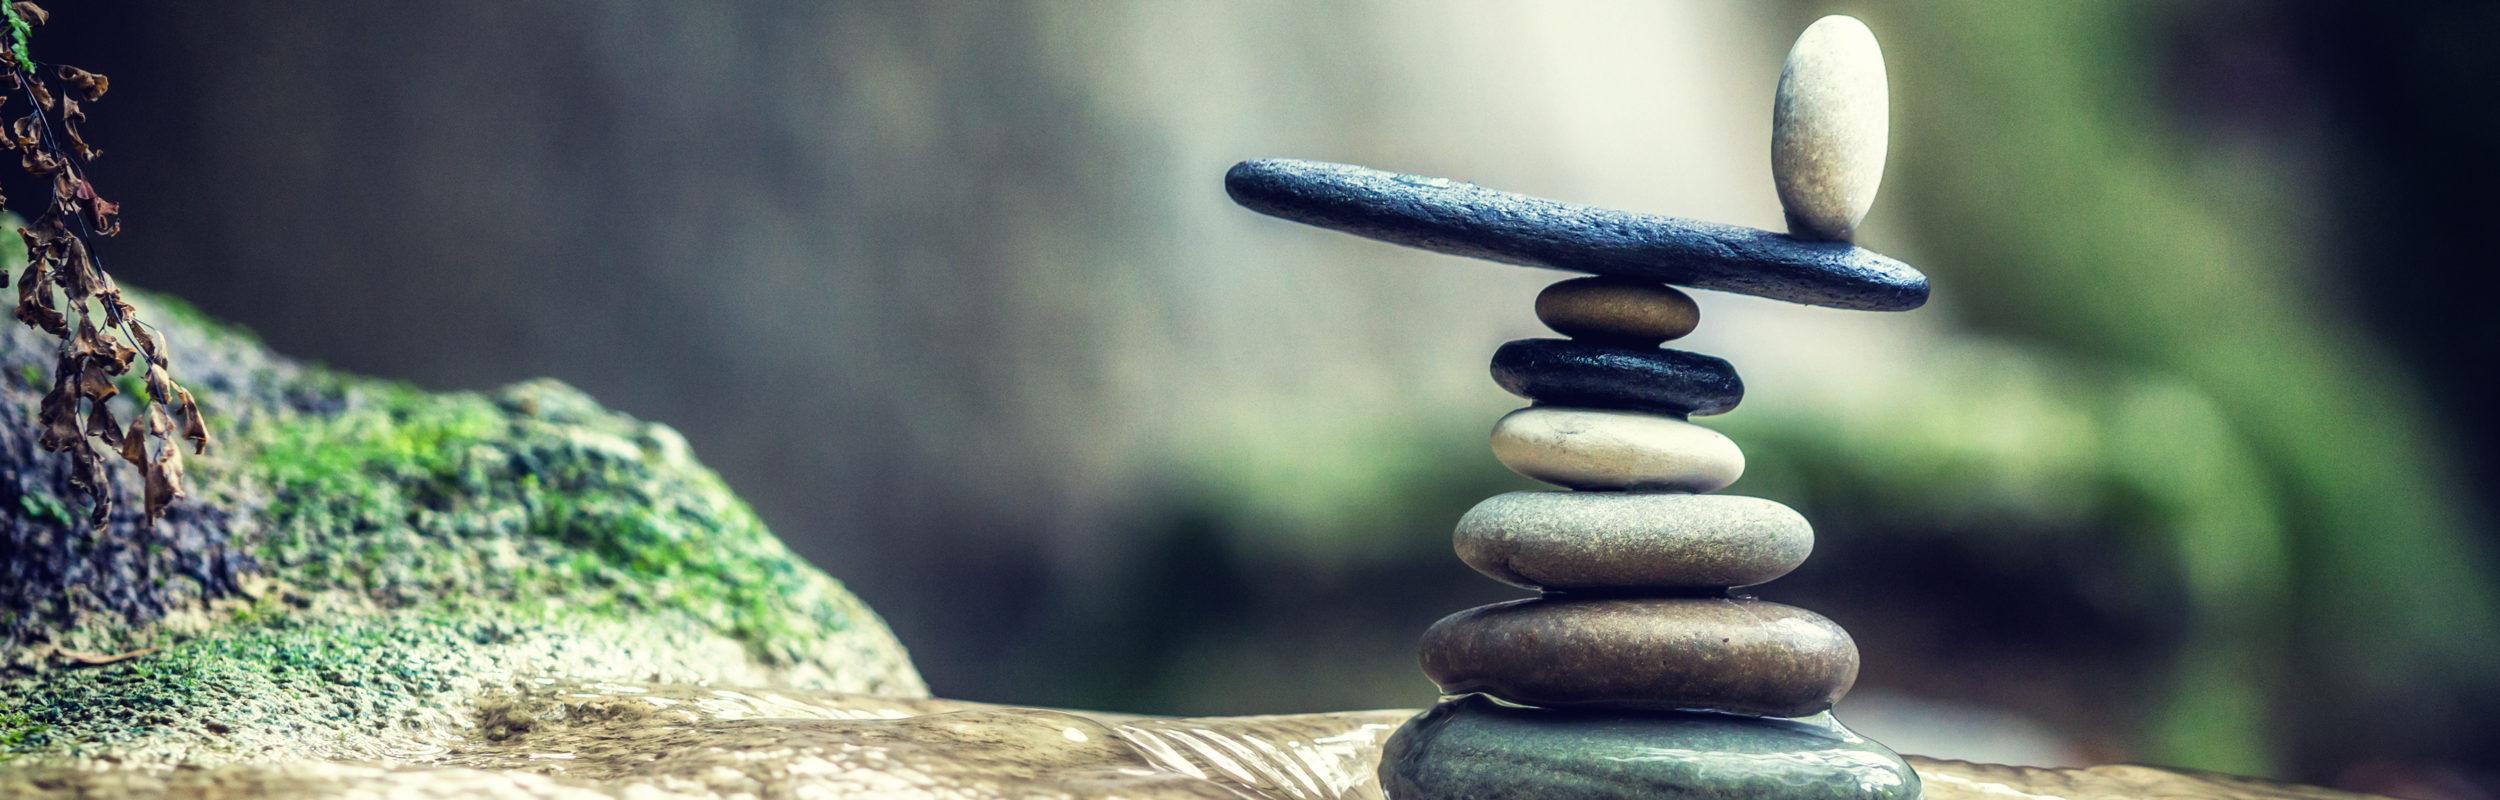 Vrijwel alles heeft een balans